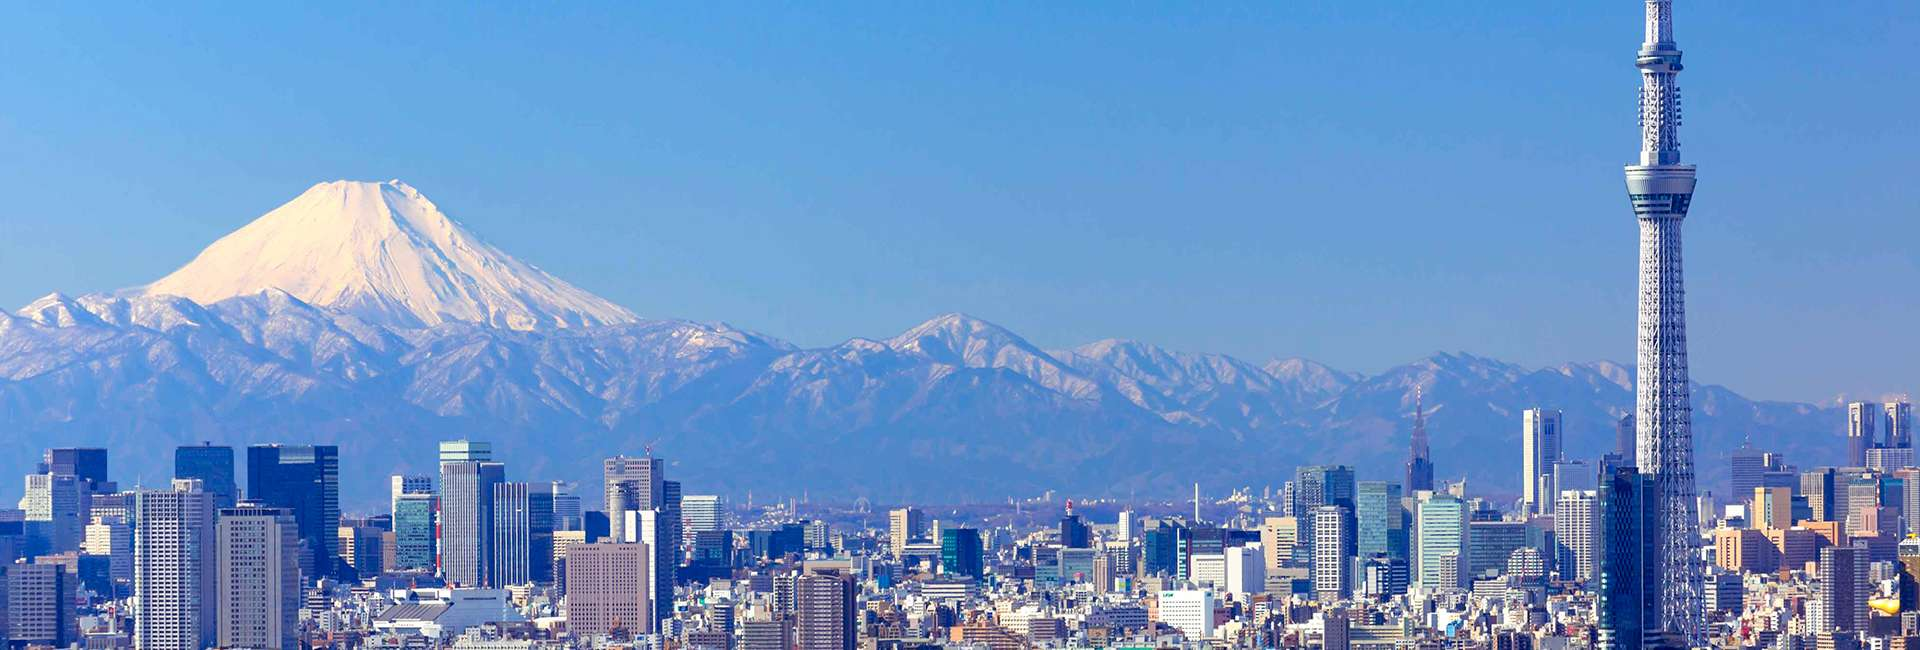 Vista di Tokyo con il Monte Fuji